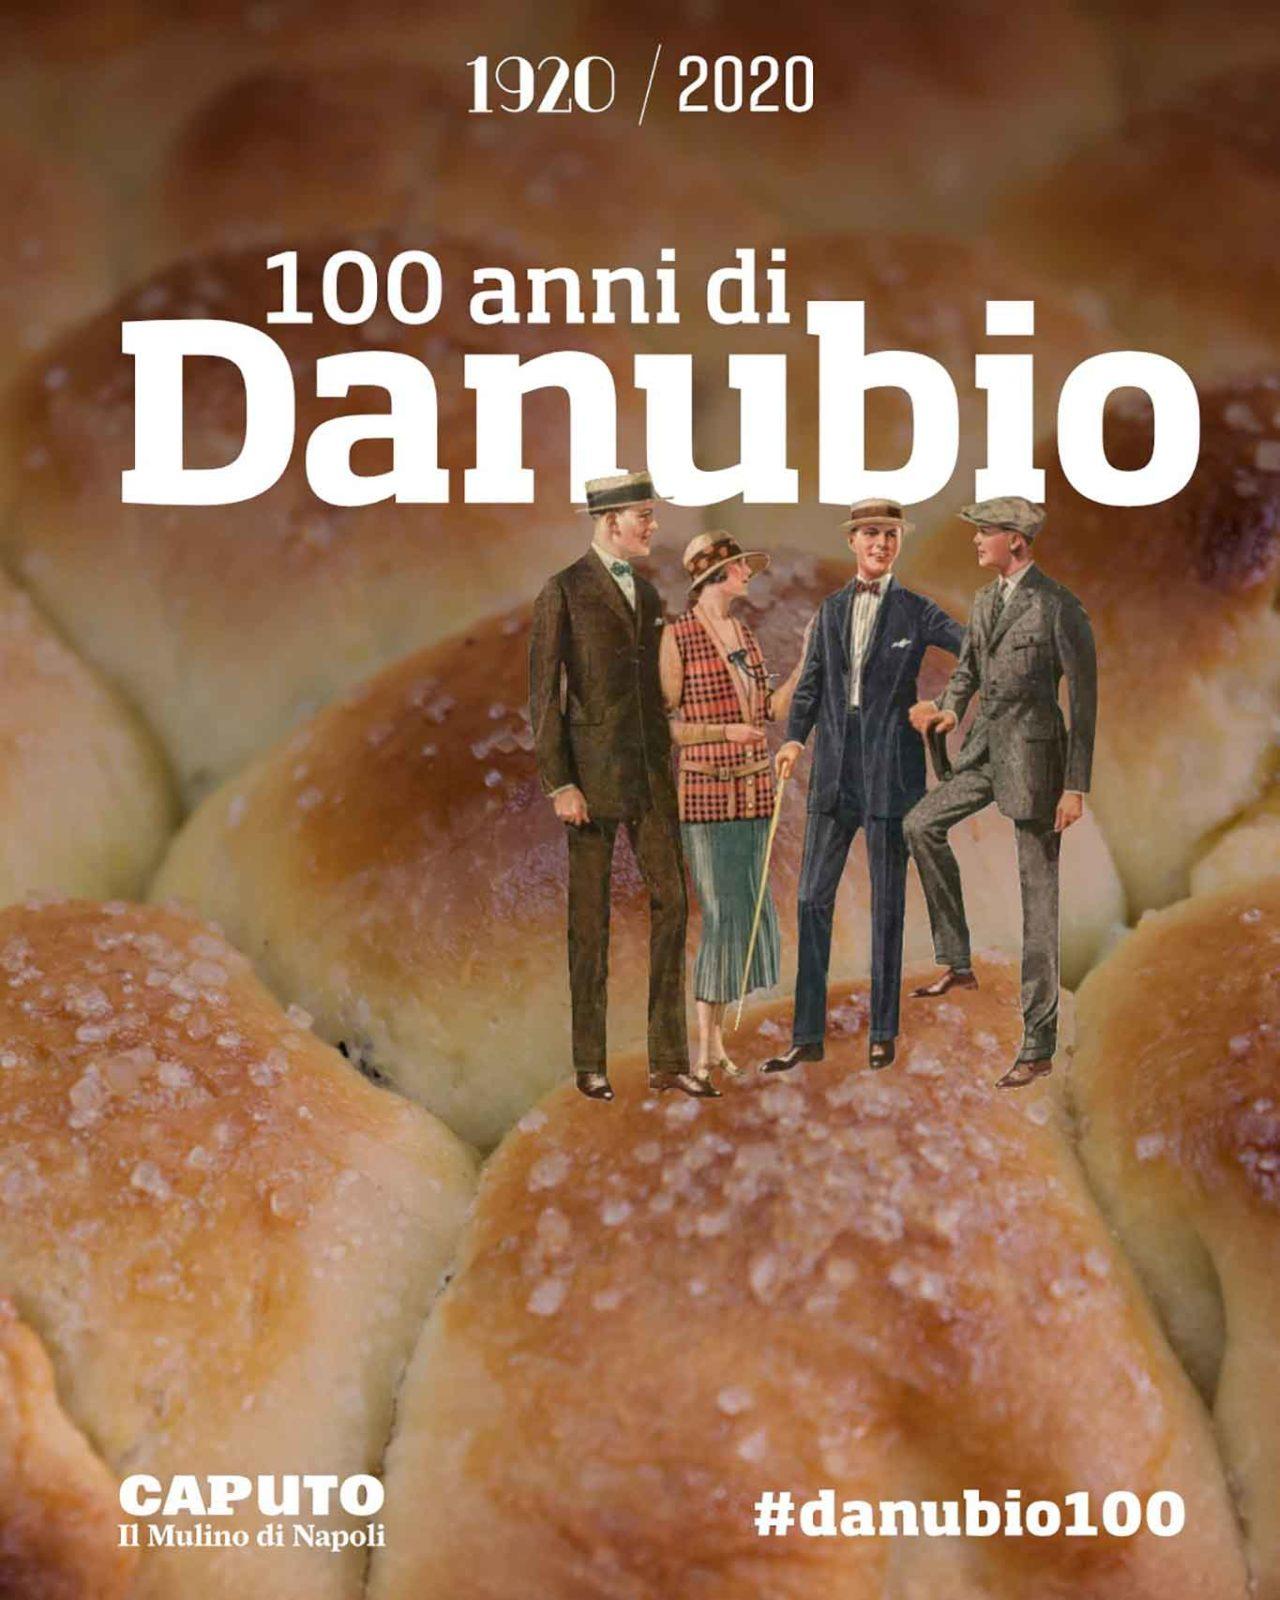 Danubio contest